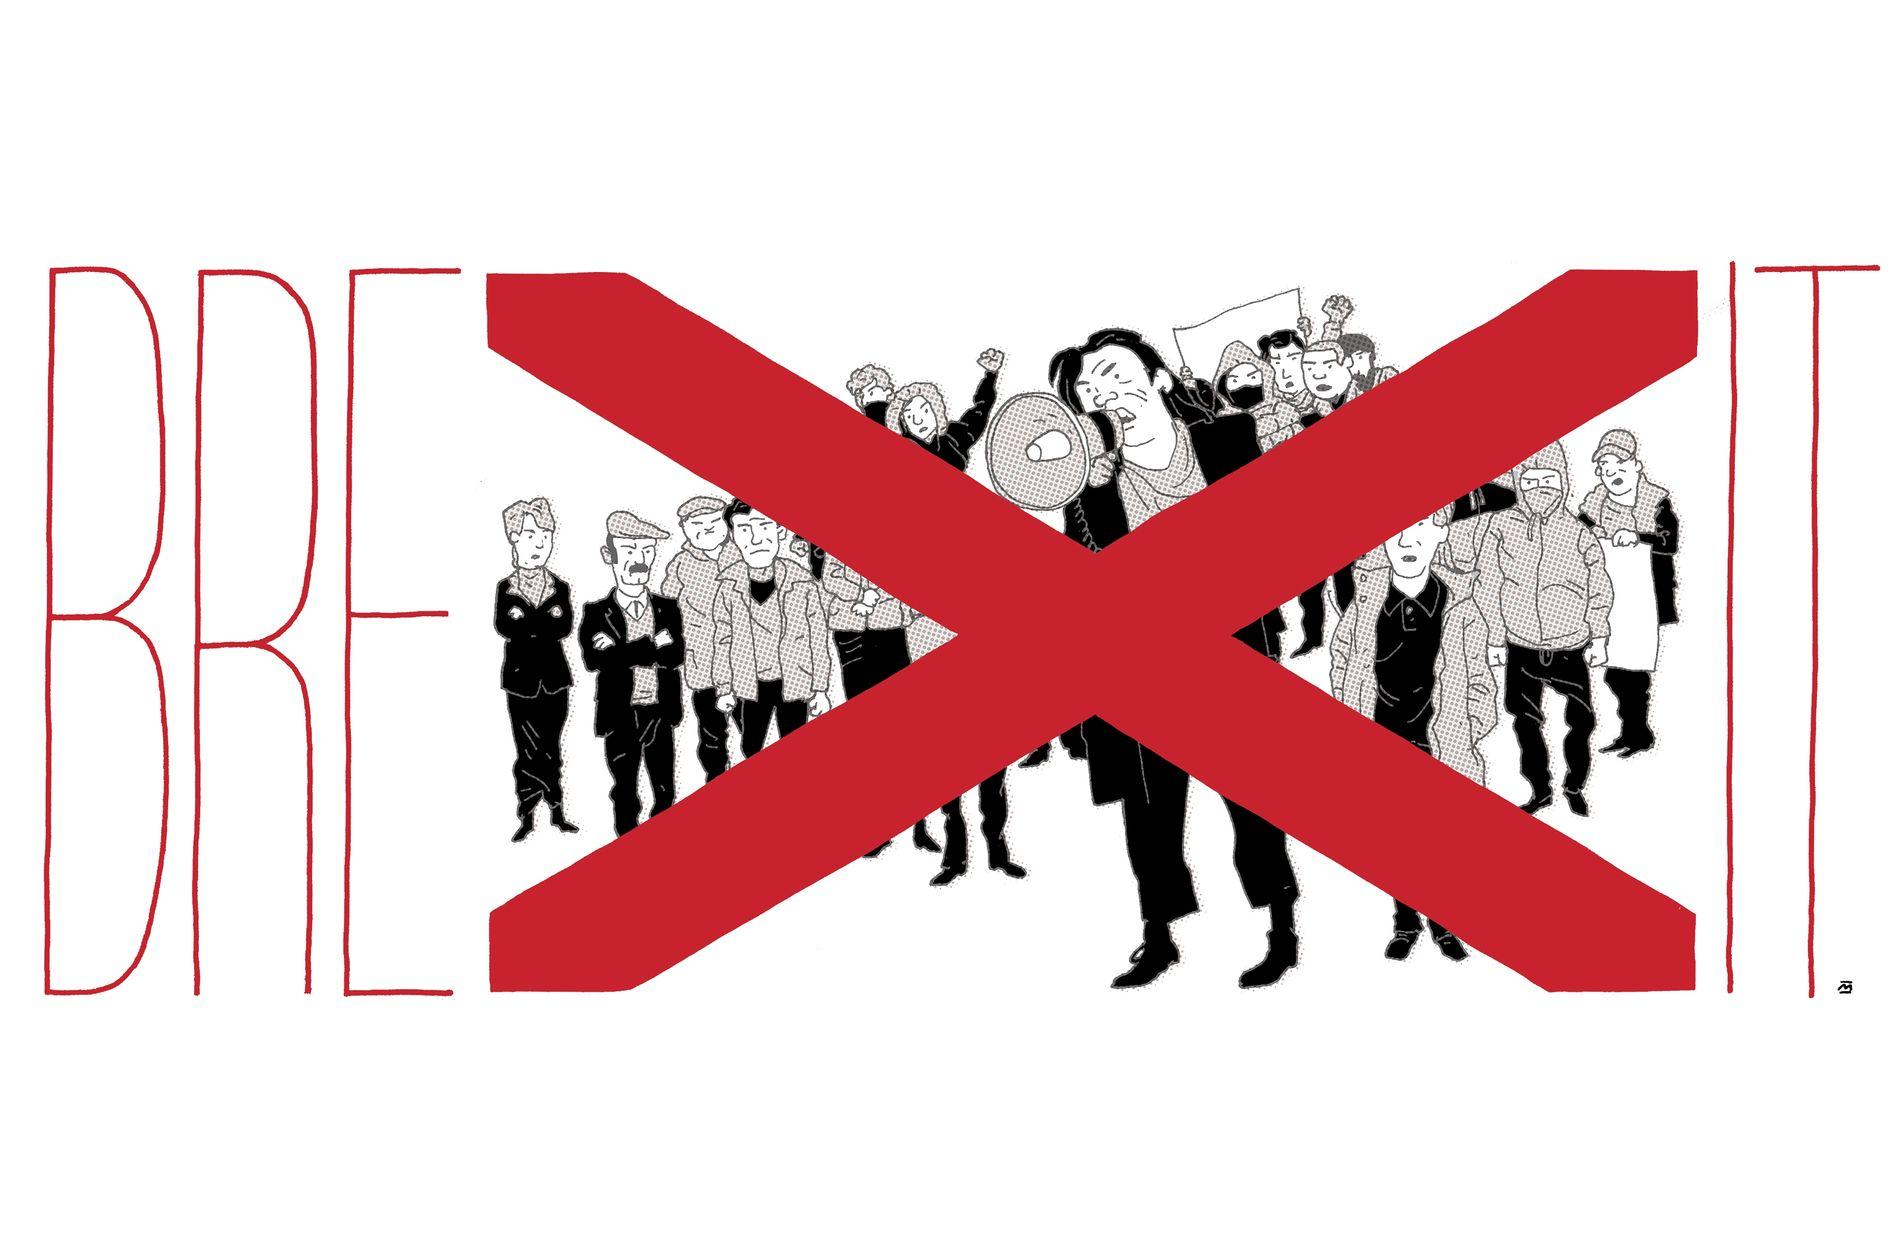 NORD-IRSK PROBLEM: – 29. mars går Storbritannia ut av EU, og det kan i verste fall øydeleggje fredsavtalen frå 1998, skriv Morten Myksvoll. ILLUSTRASJON: MARVIN HALLERAKER